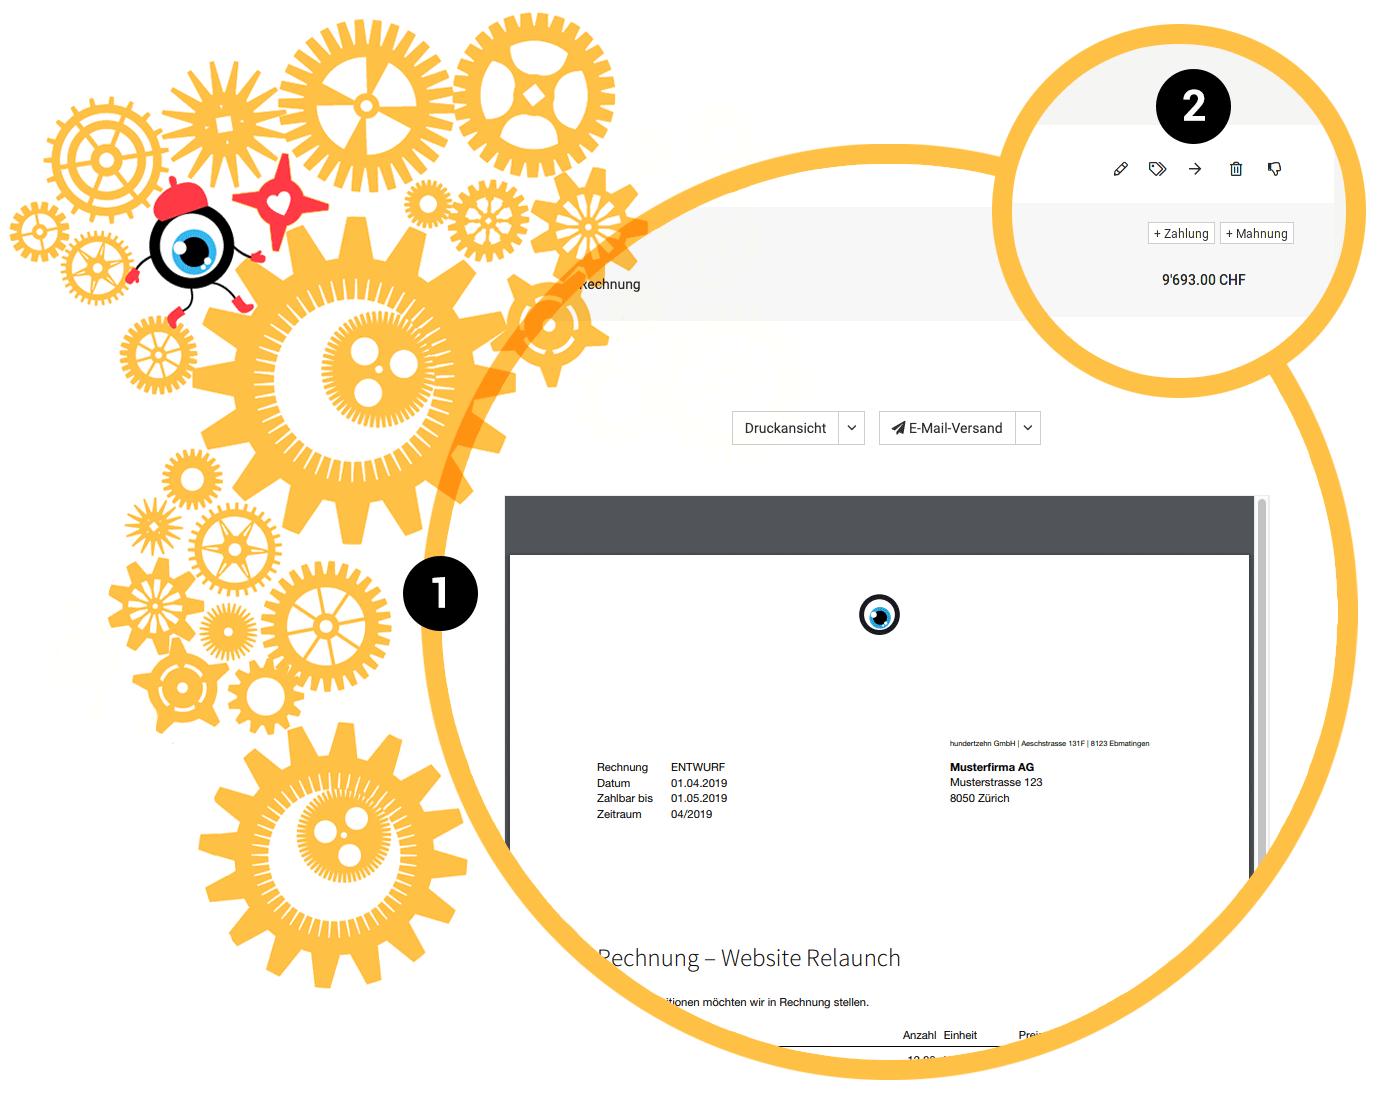 Verbindliche PDF-Vorschau nach Speichern, Angebotsnummer im Rechnungstitel, Rechnungen verschieben & mehr